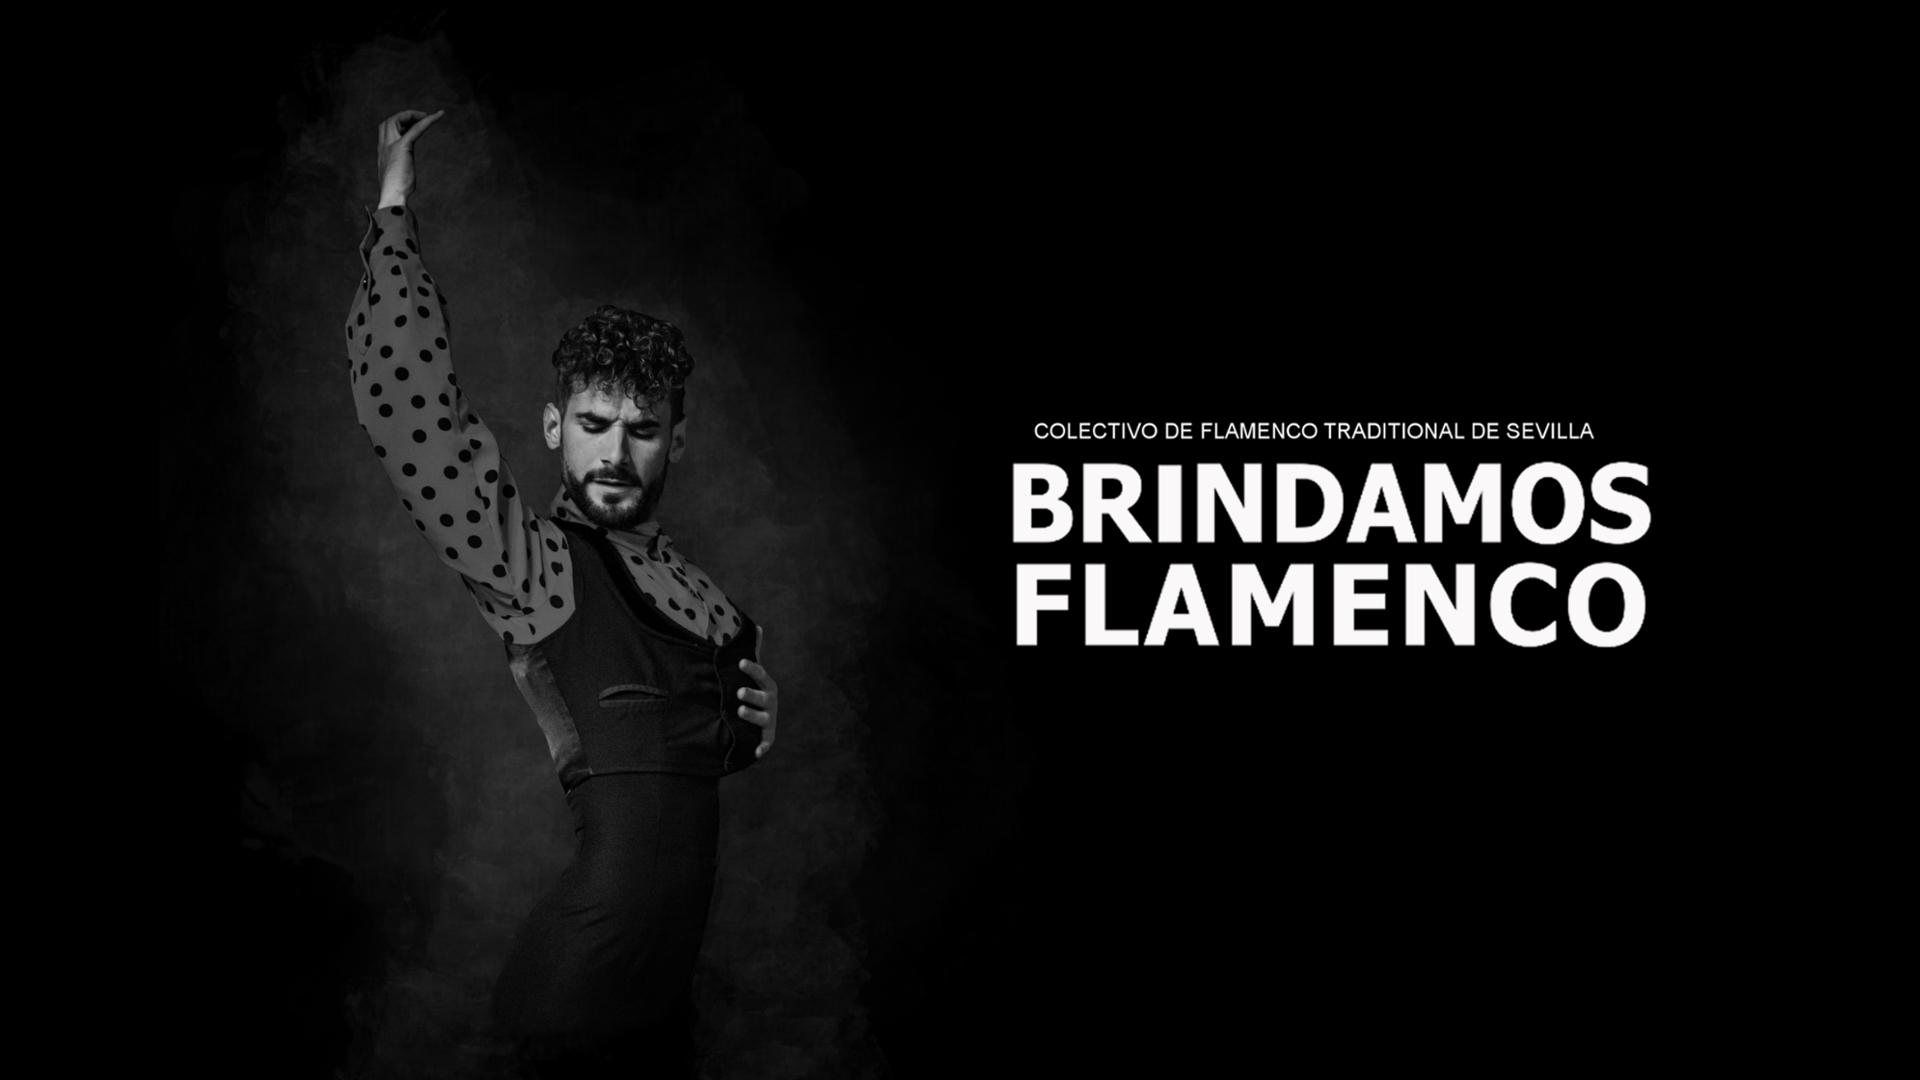 BRINDAMOS FLAMENCO RUBEN PUERTAS 2